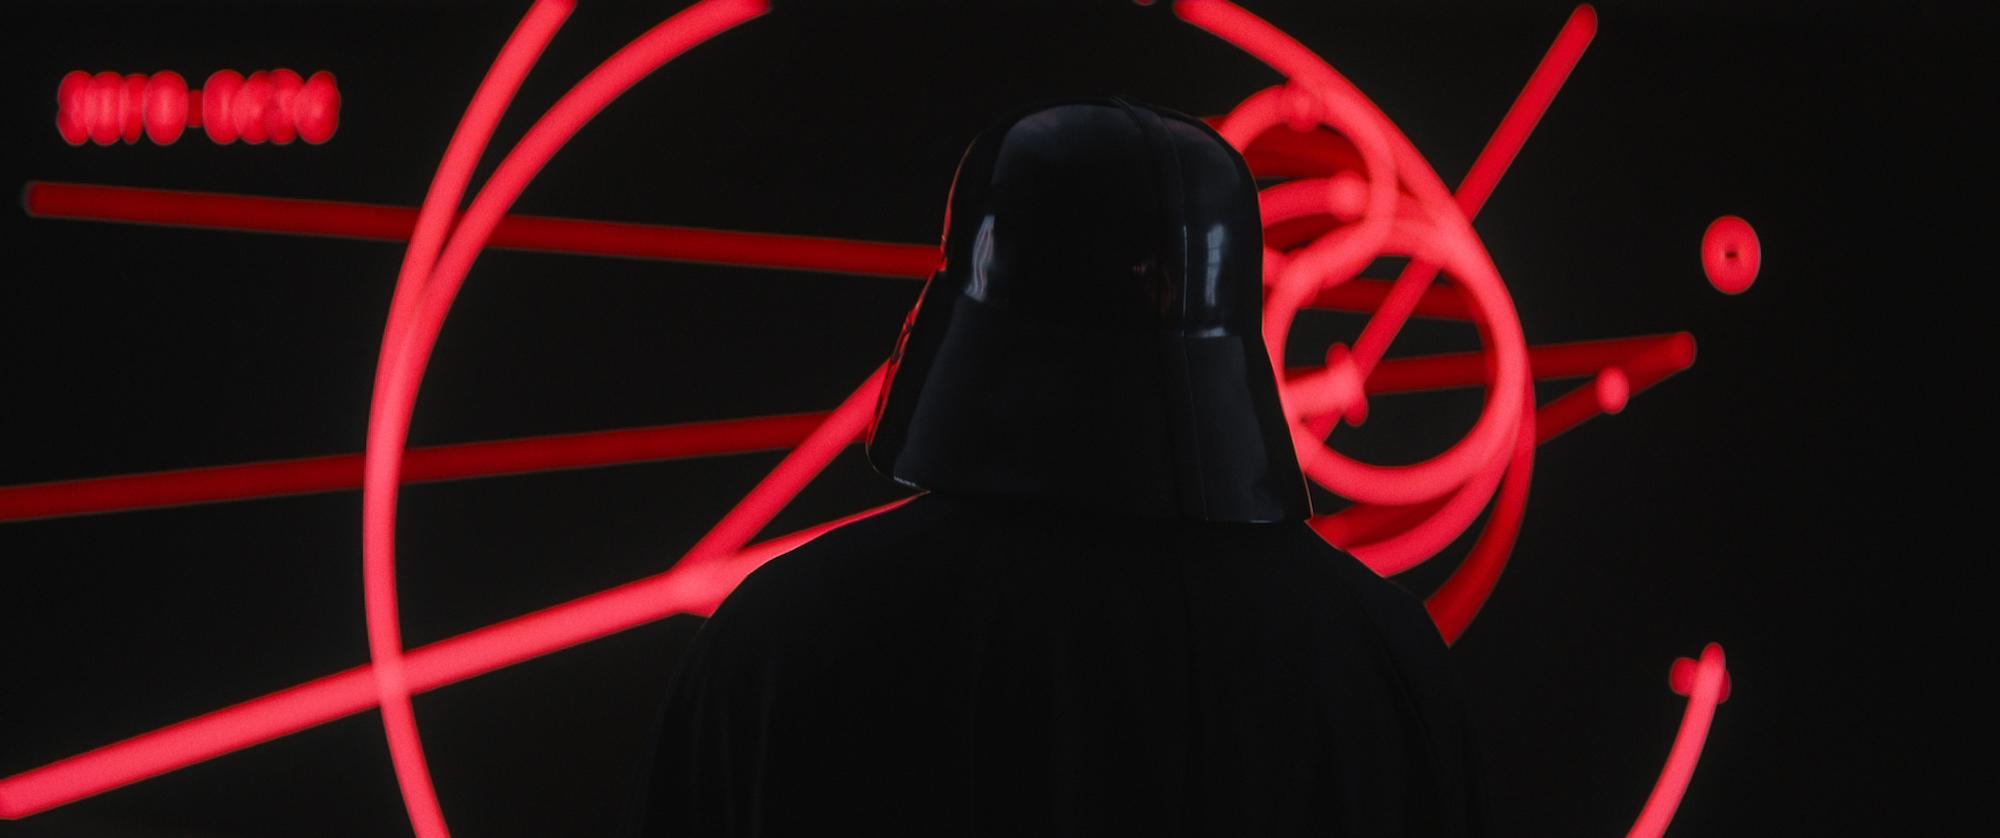 Darth Vader dukker opp og tar i bruk sin røde lyssabel.